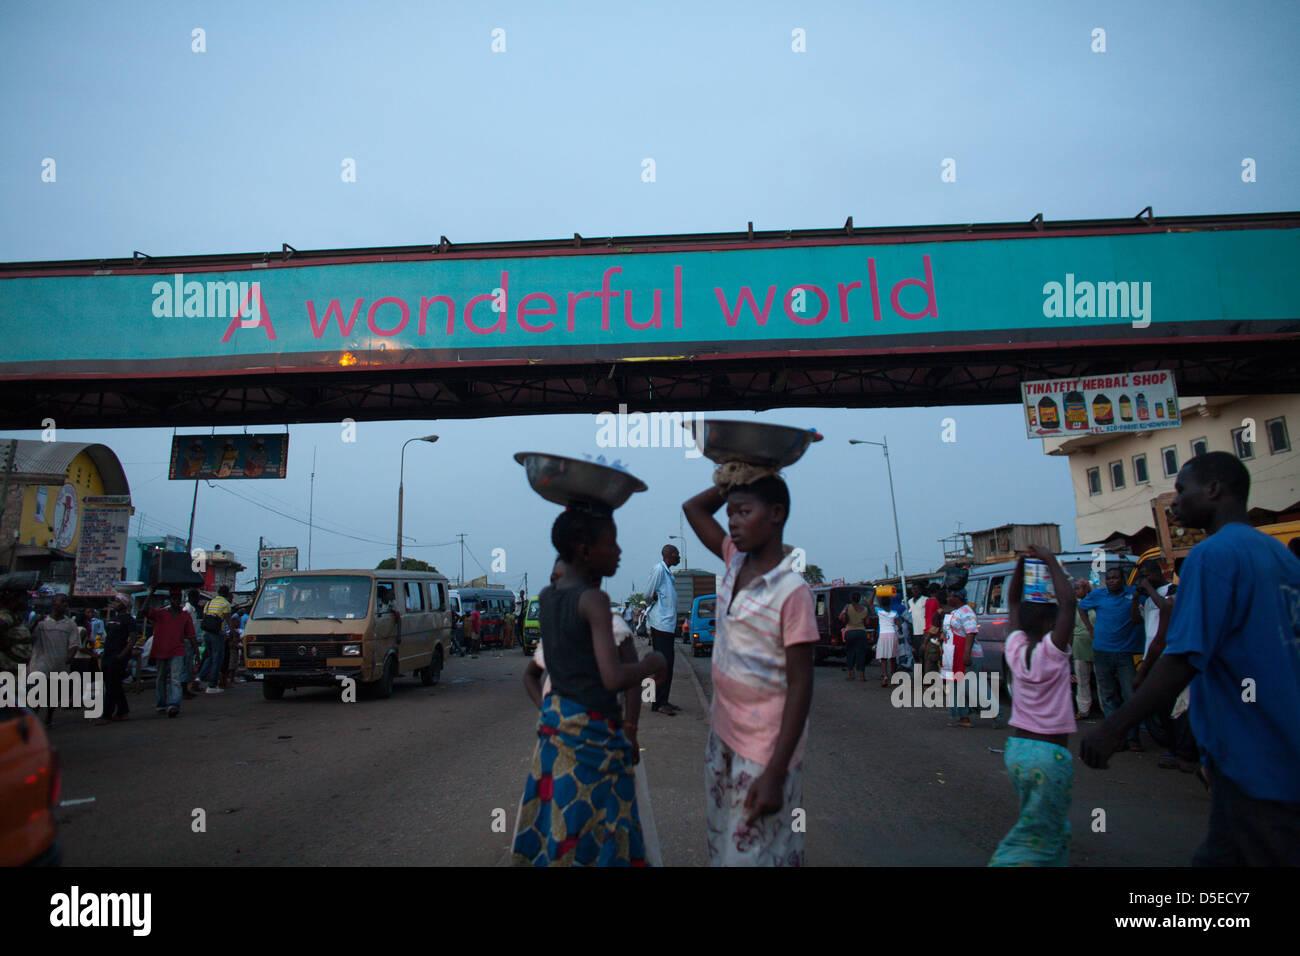 Street scene in Accra, Ghana. - Stock Image